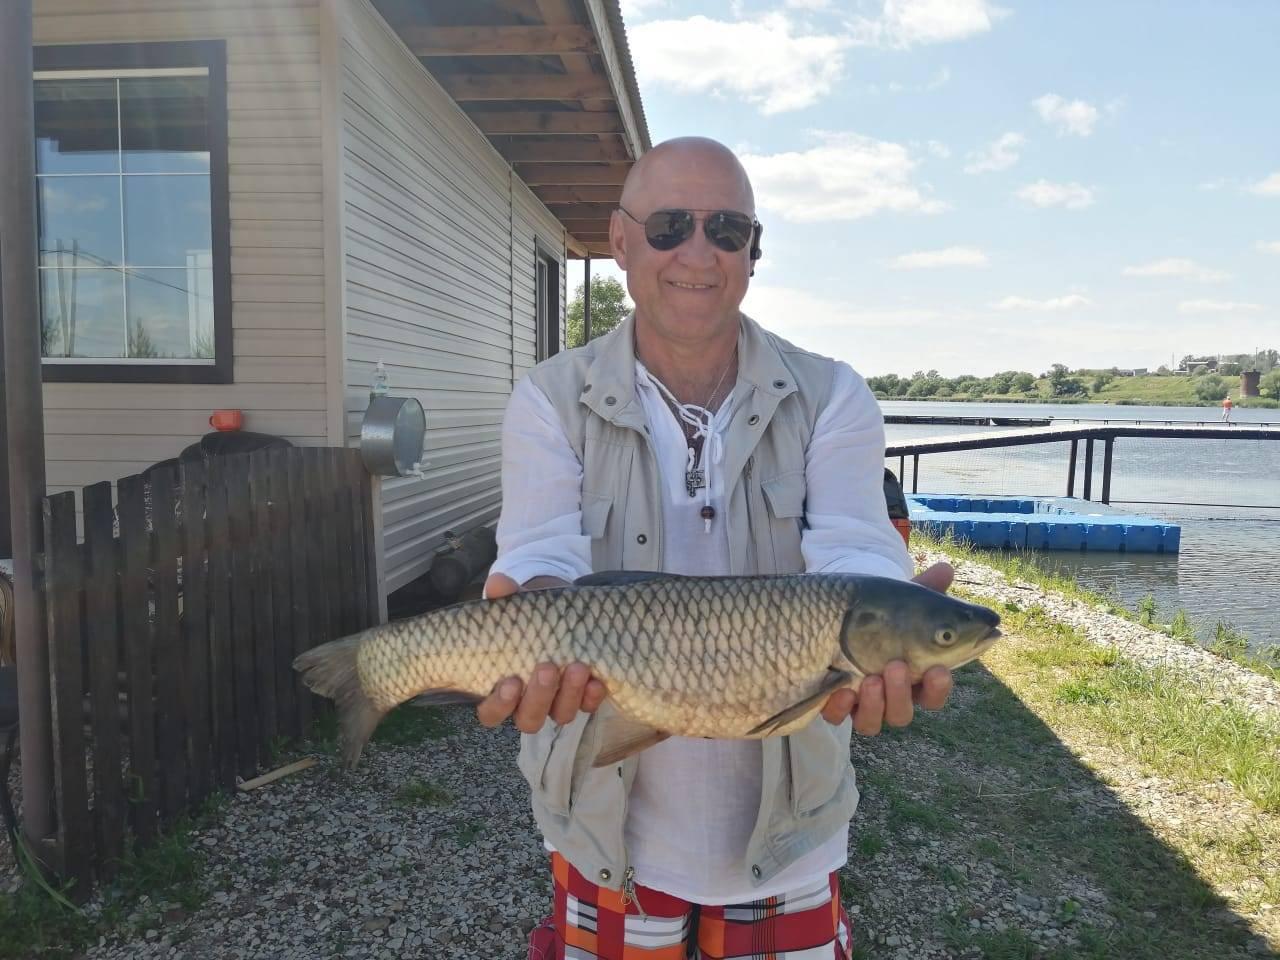 Места для рыбалки в костромской области – платная и бесплатная рыбалка!